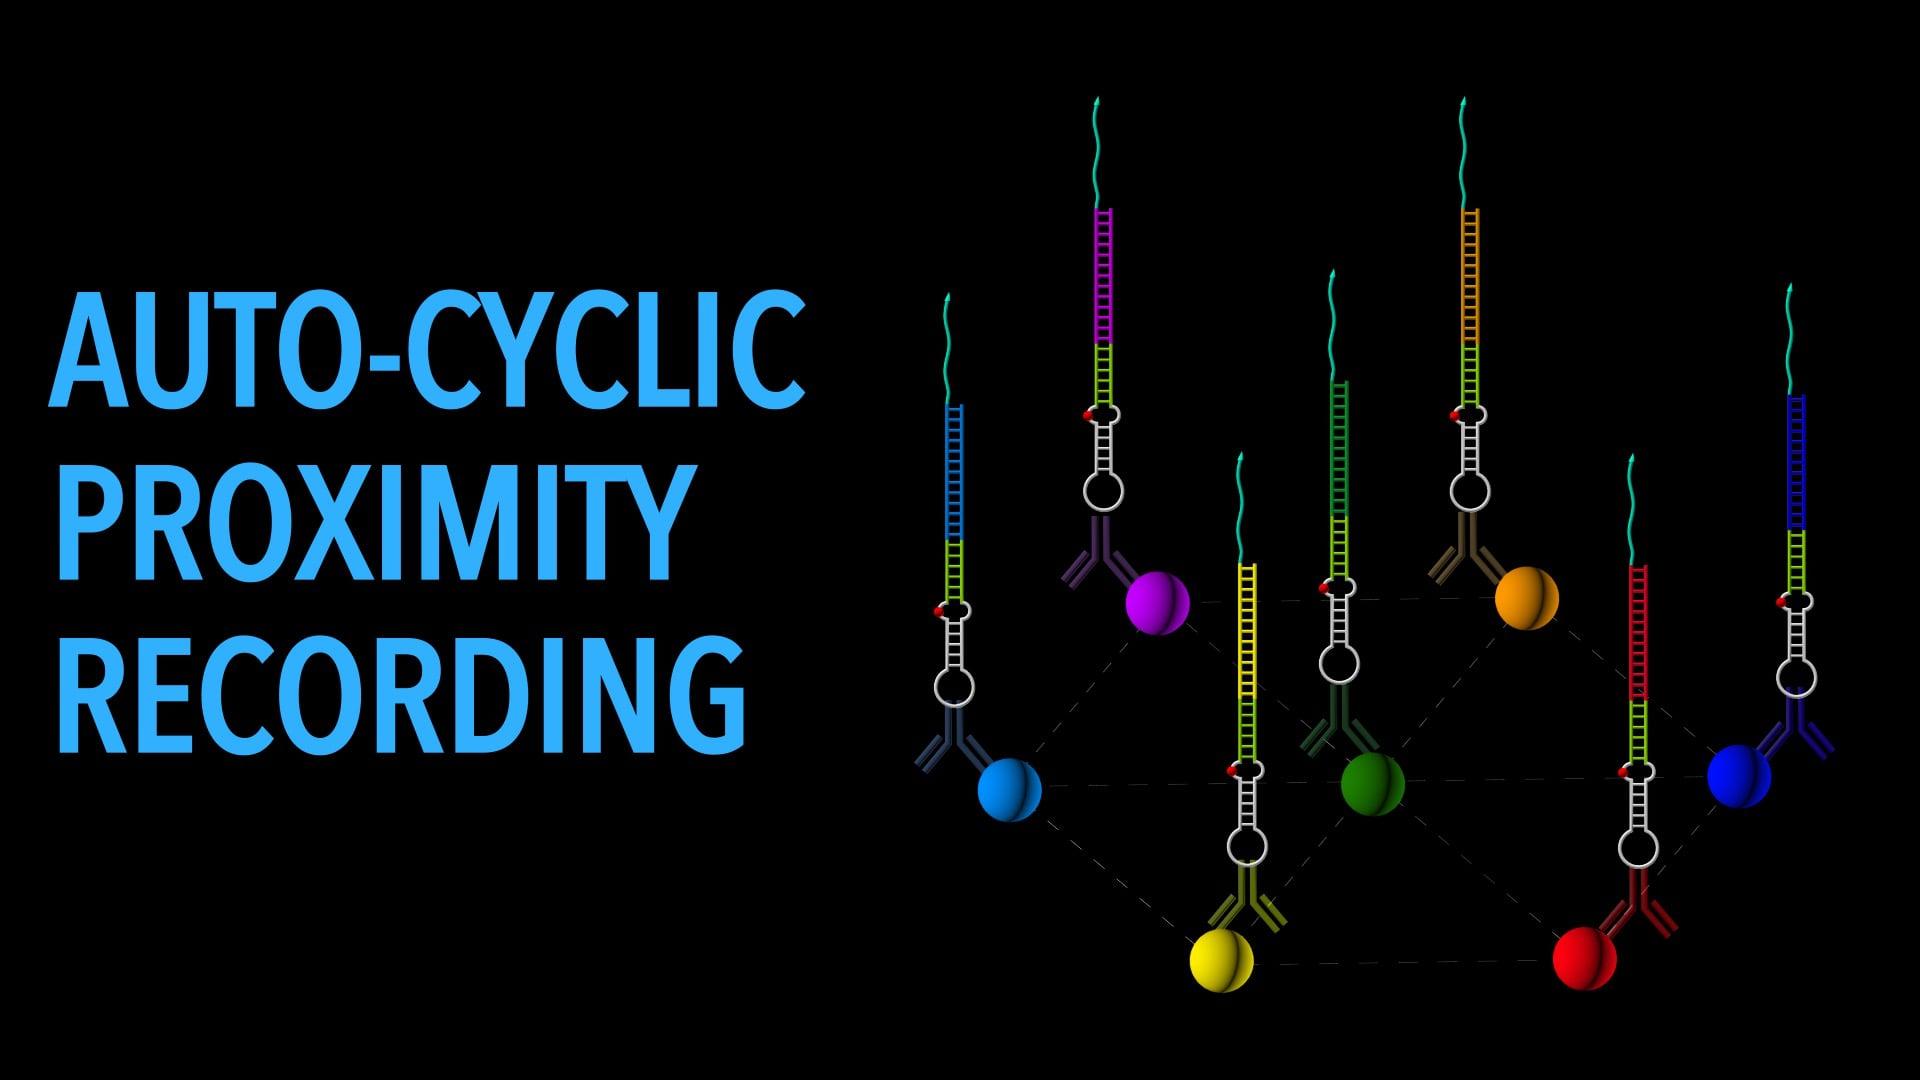 Auto-cyclic Proximity Recording